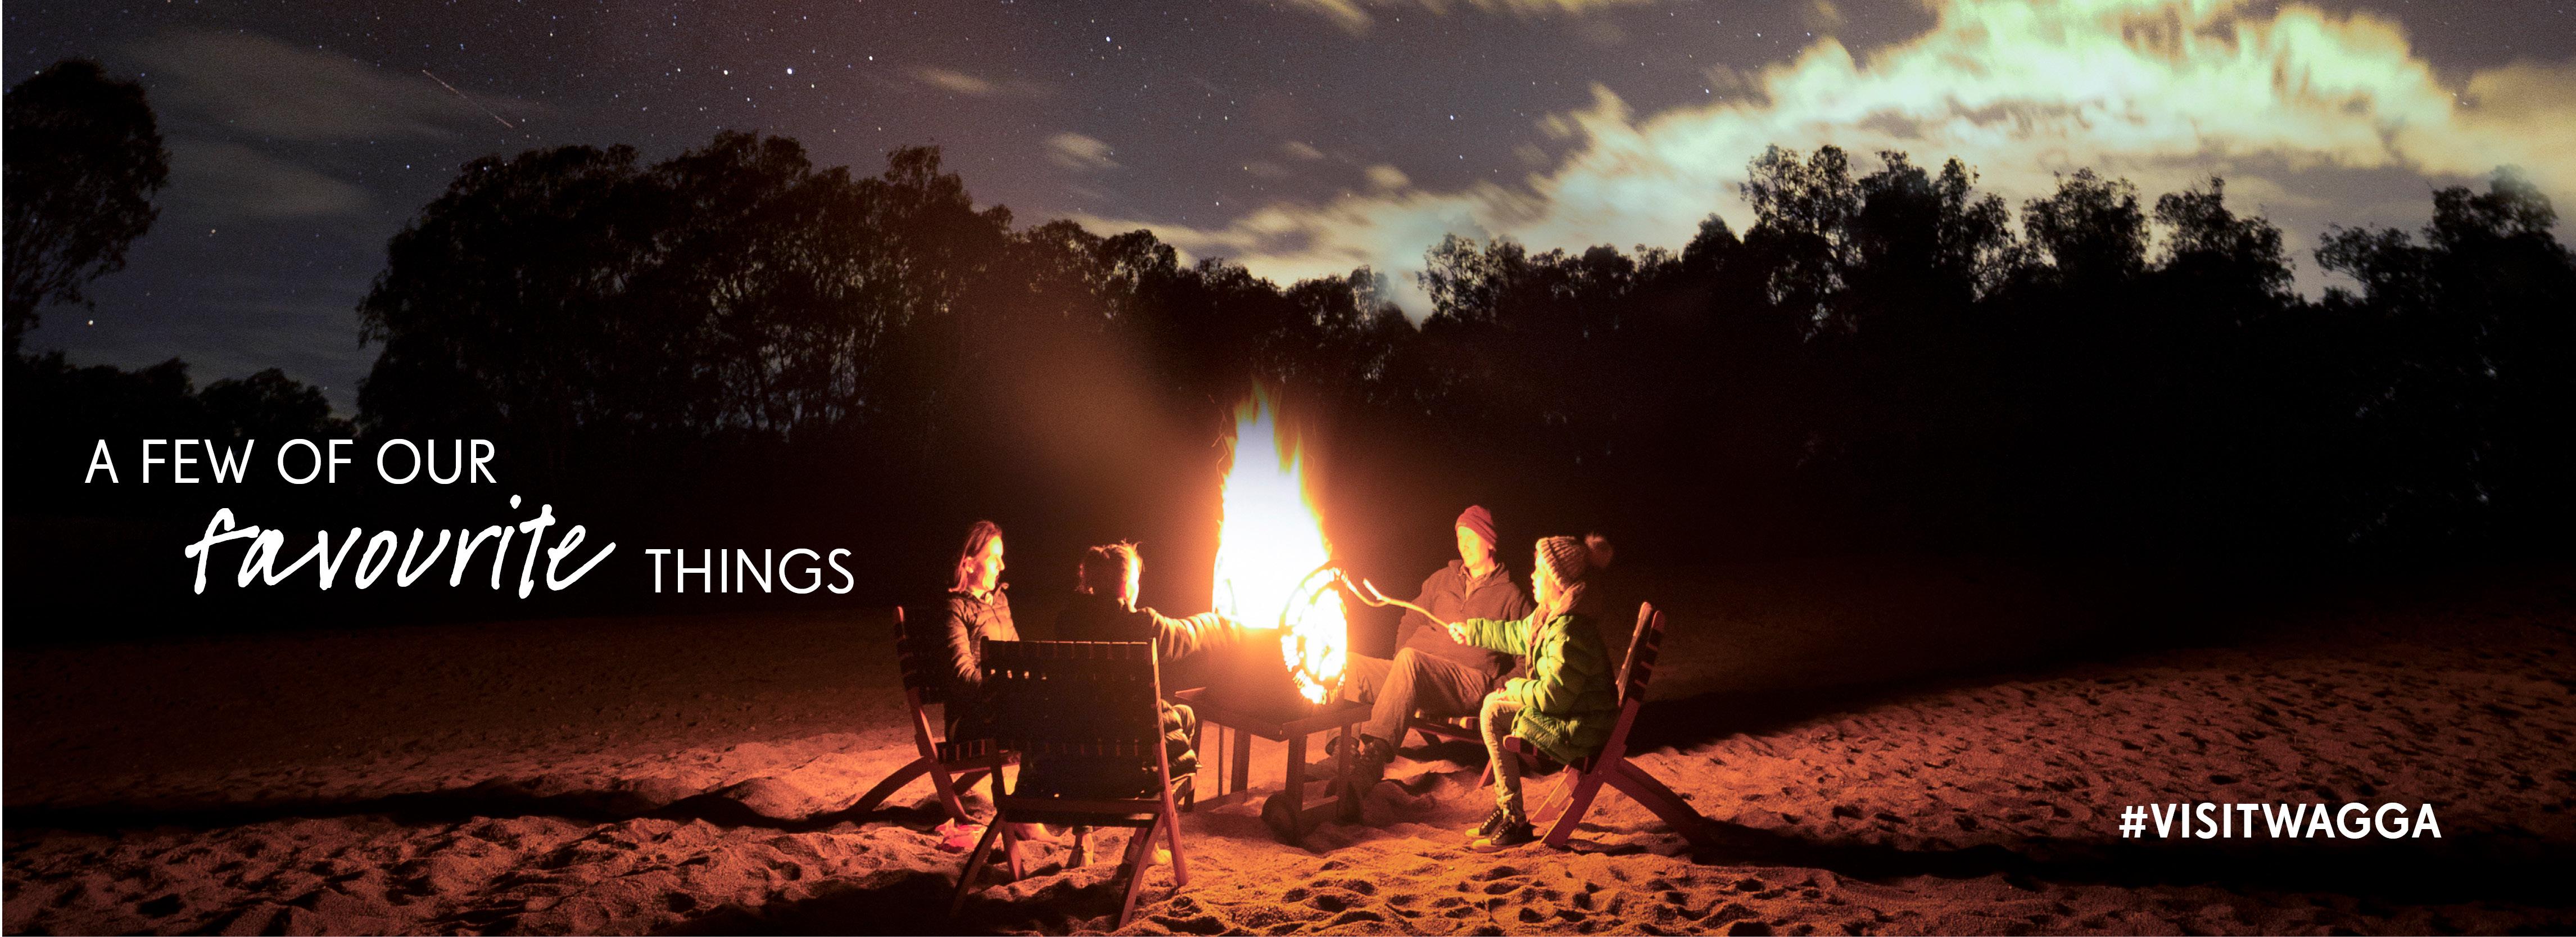 Beach camping in Wagga Wagga